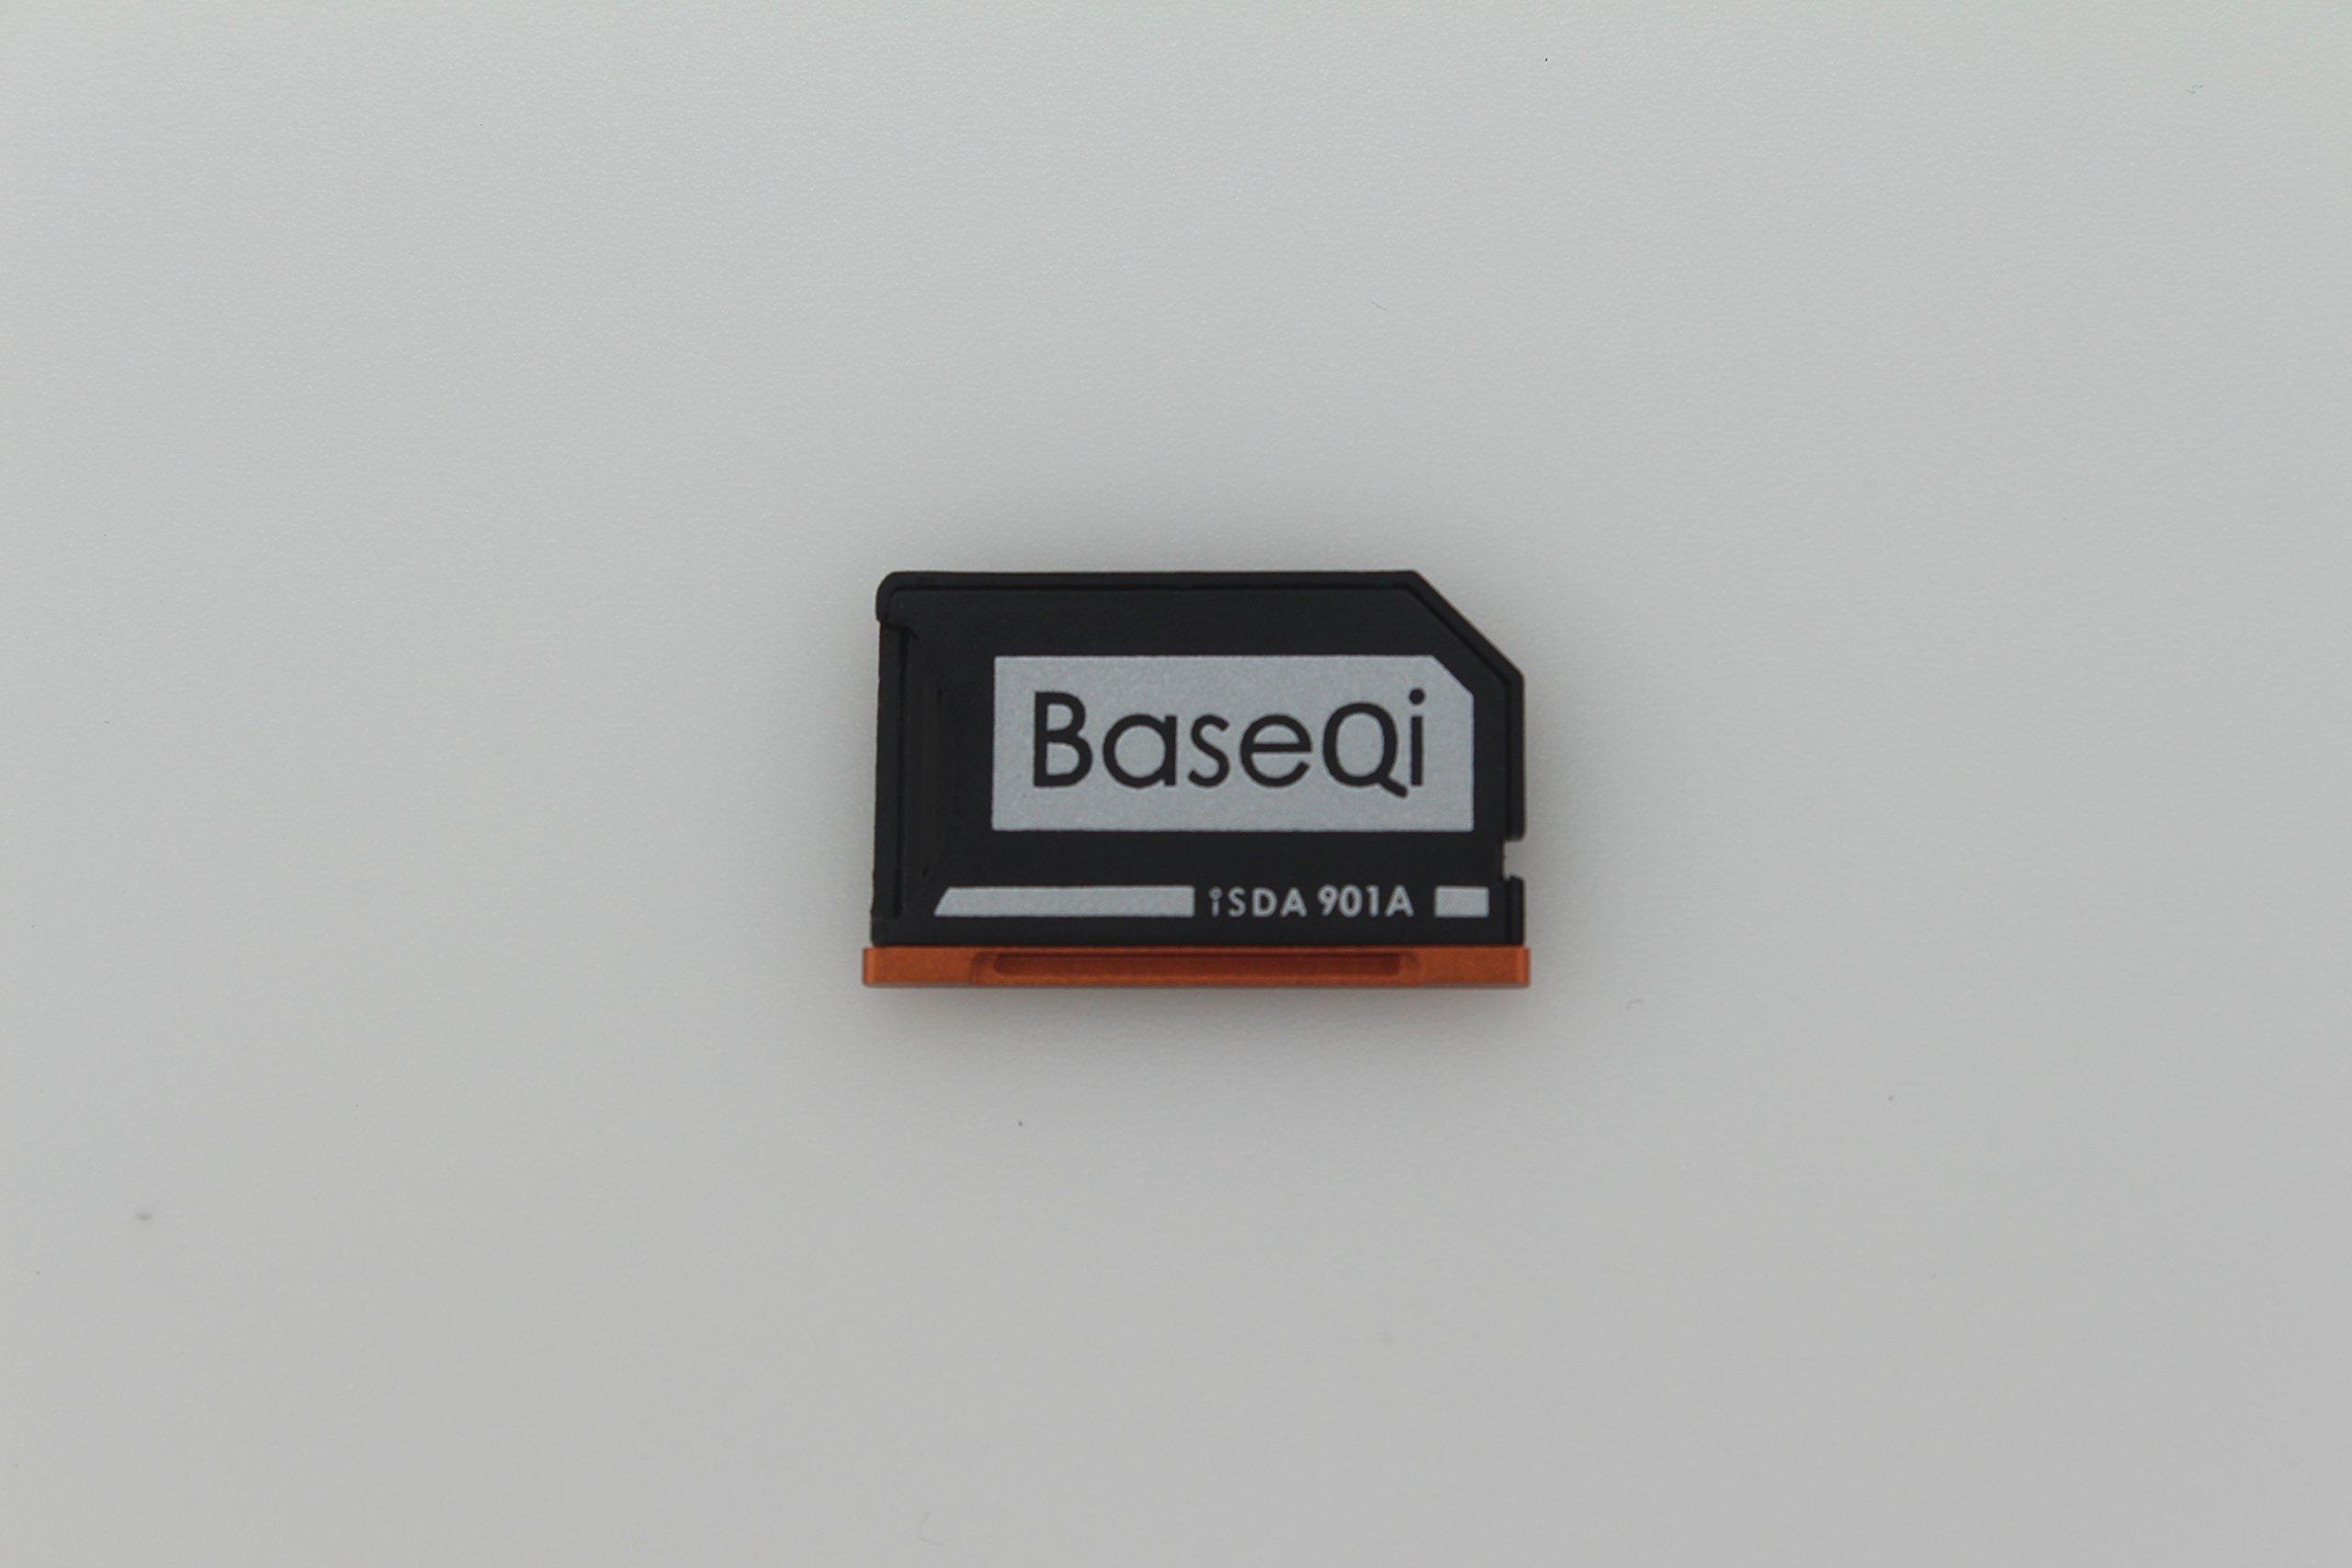 BaseQi Aluminum MicroSD Adapter for Lenovo Yoga 900 & 710